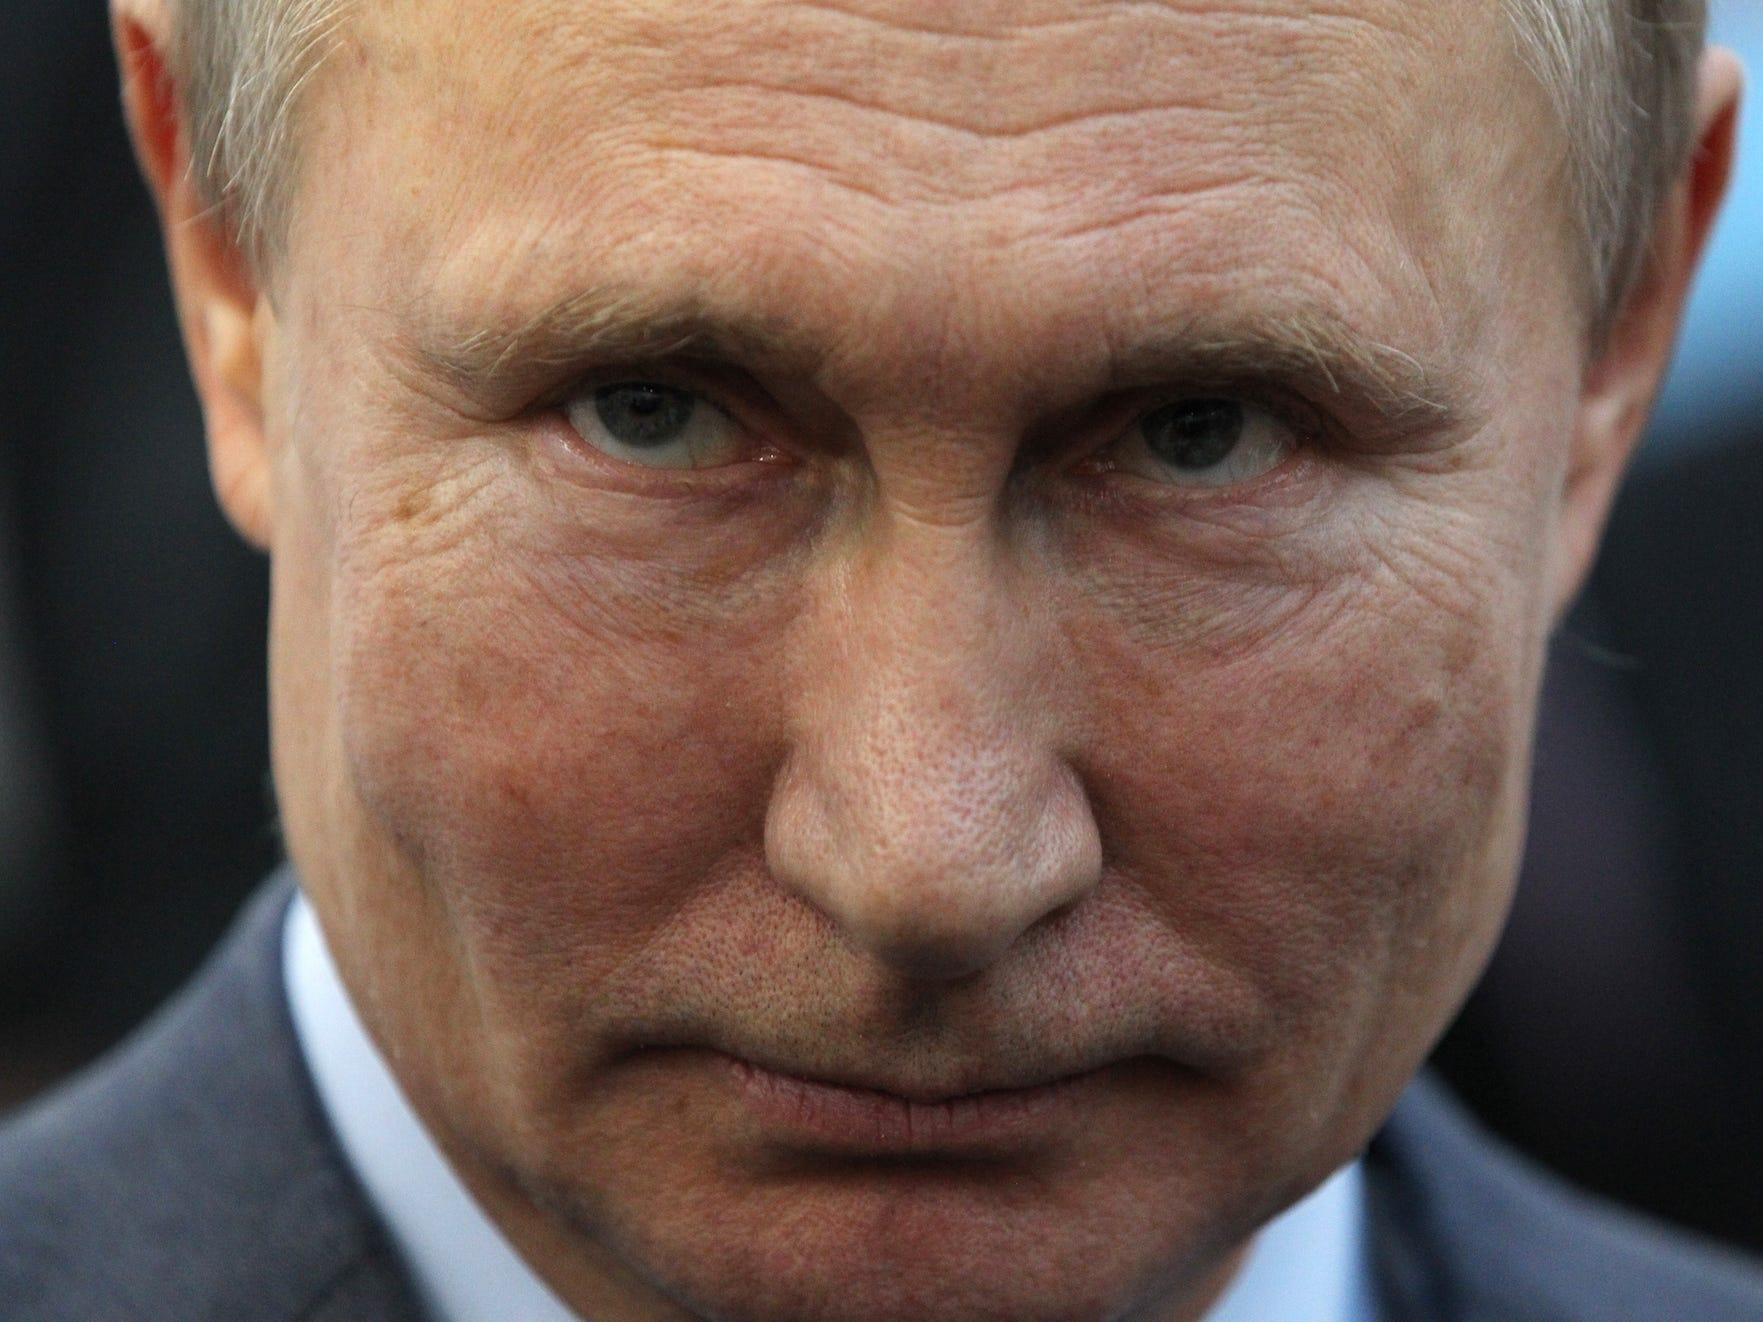 """Putin refuză să promită că Navalnîi va ieși viu din închisoare: """"Astfel de decizii nu sunt luate de președinte"""""""